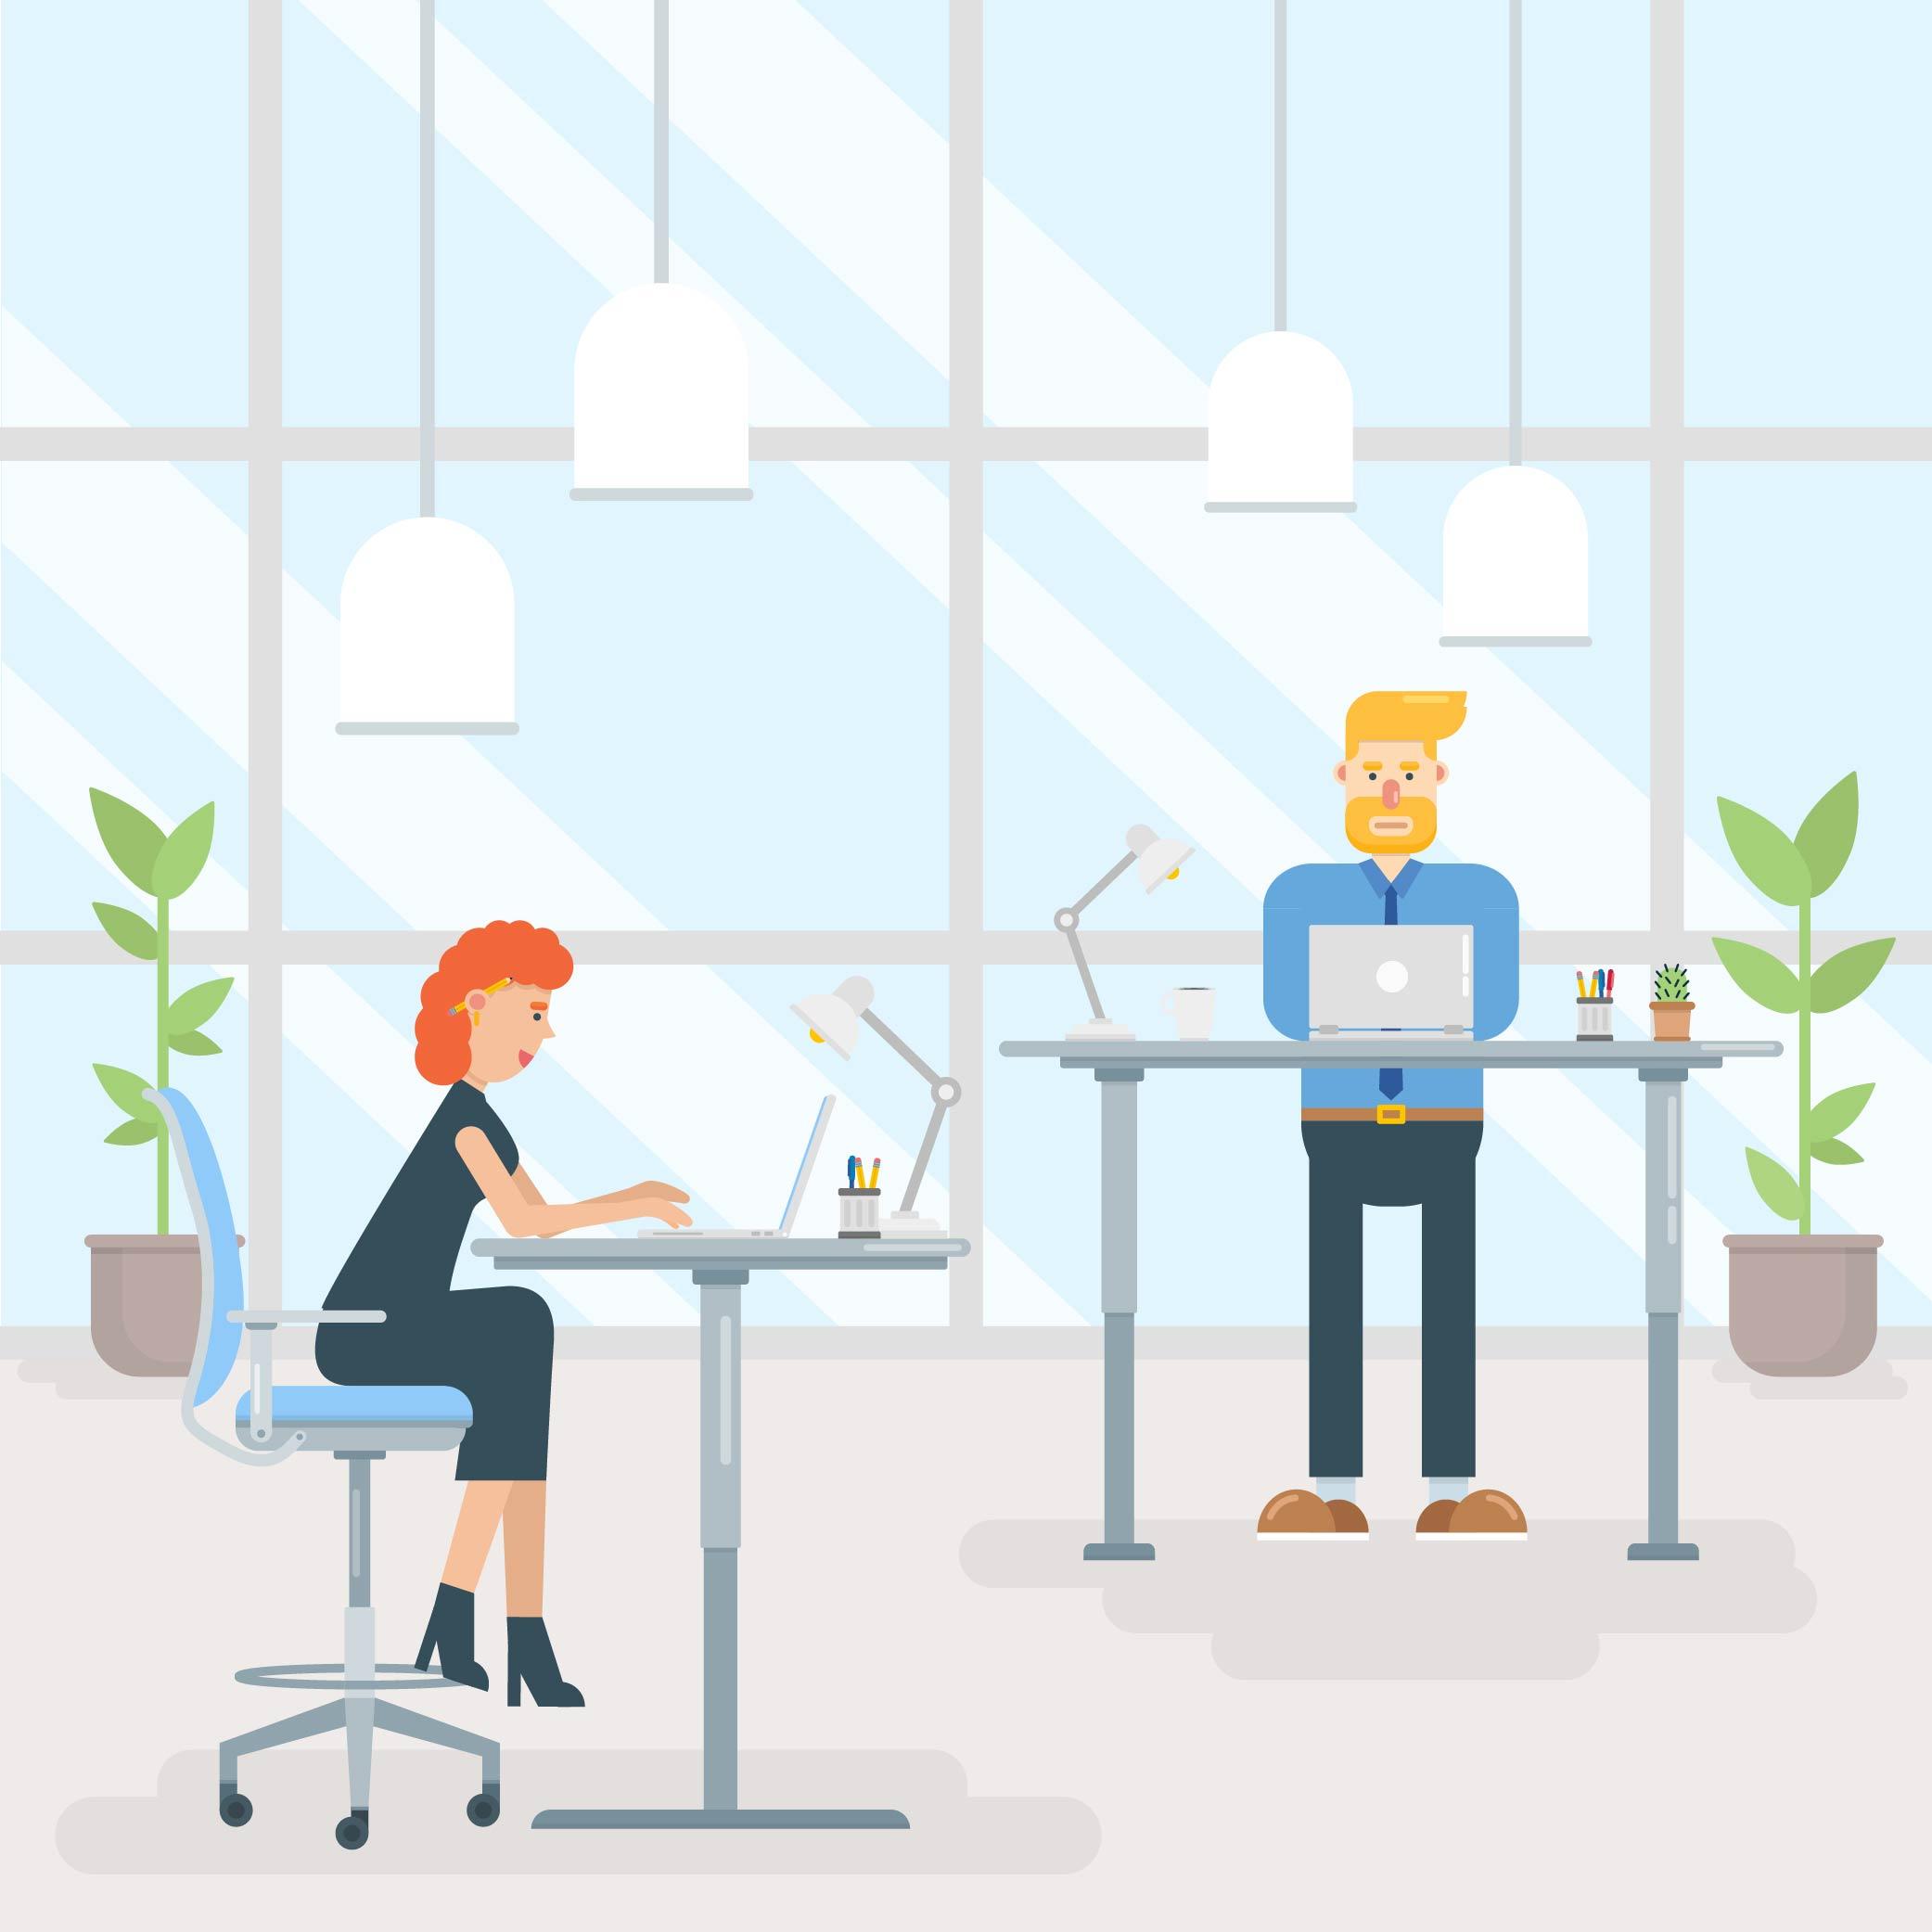 ergonomically optimise your workspace